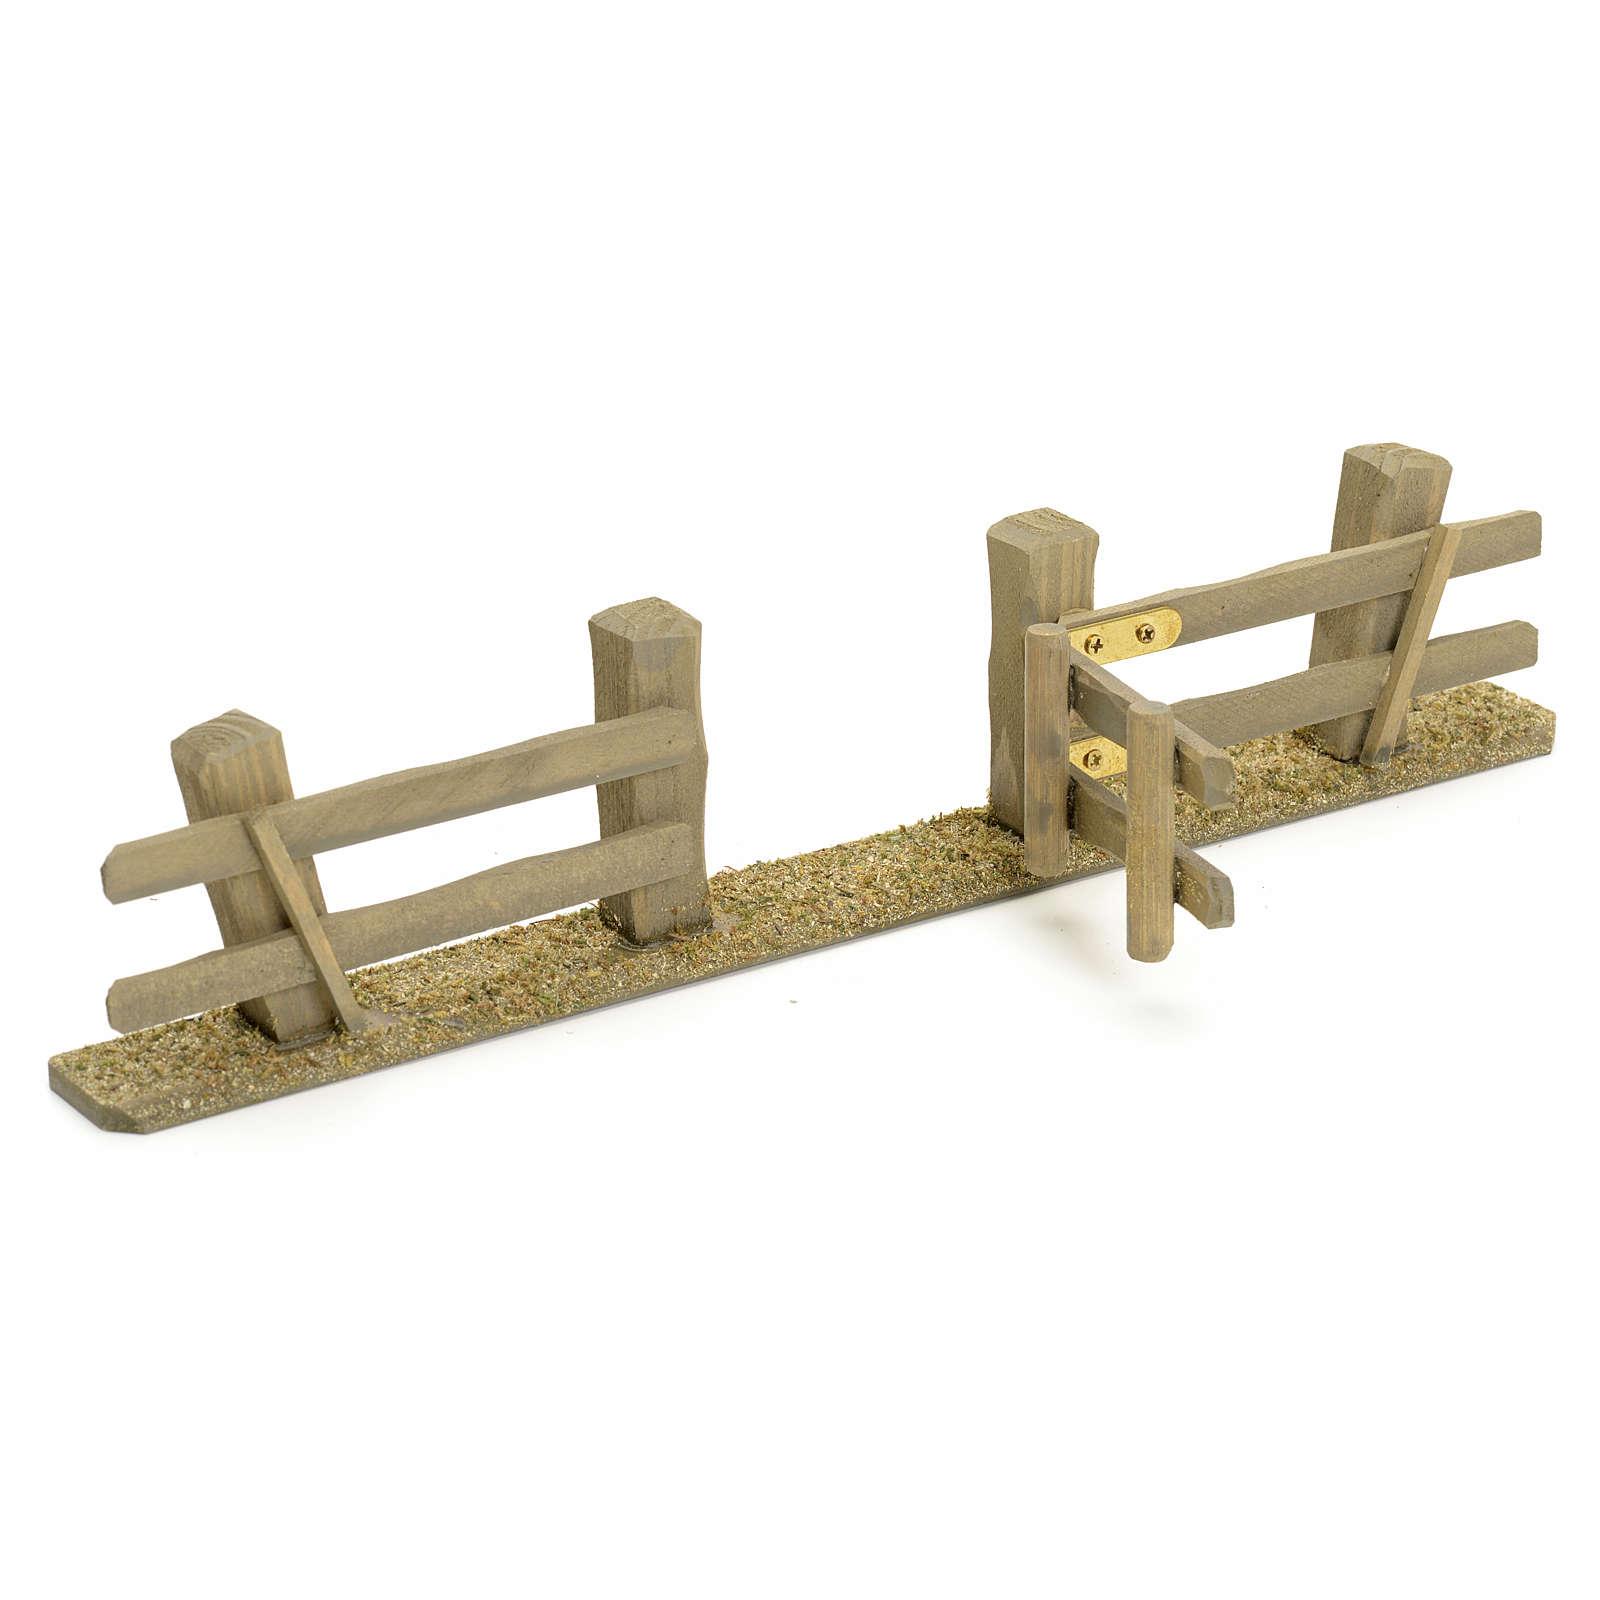 Staccionata presepe con cancello 3x7x2 4